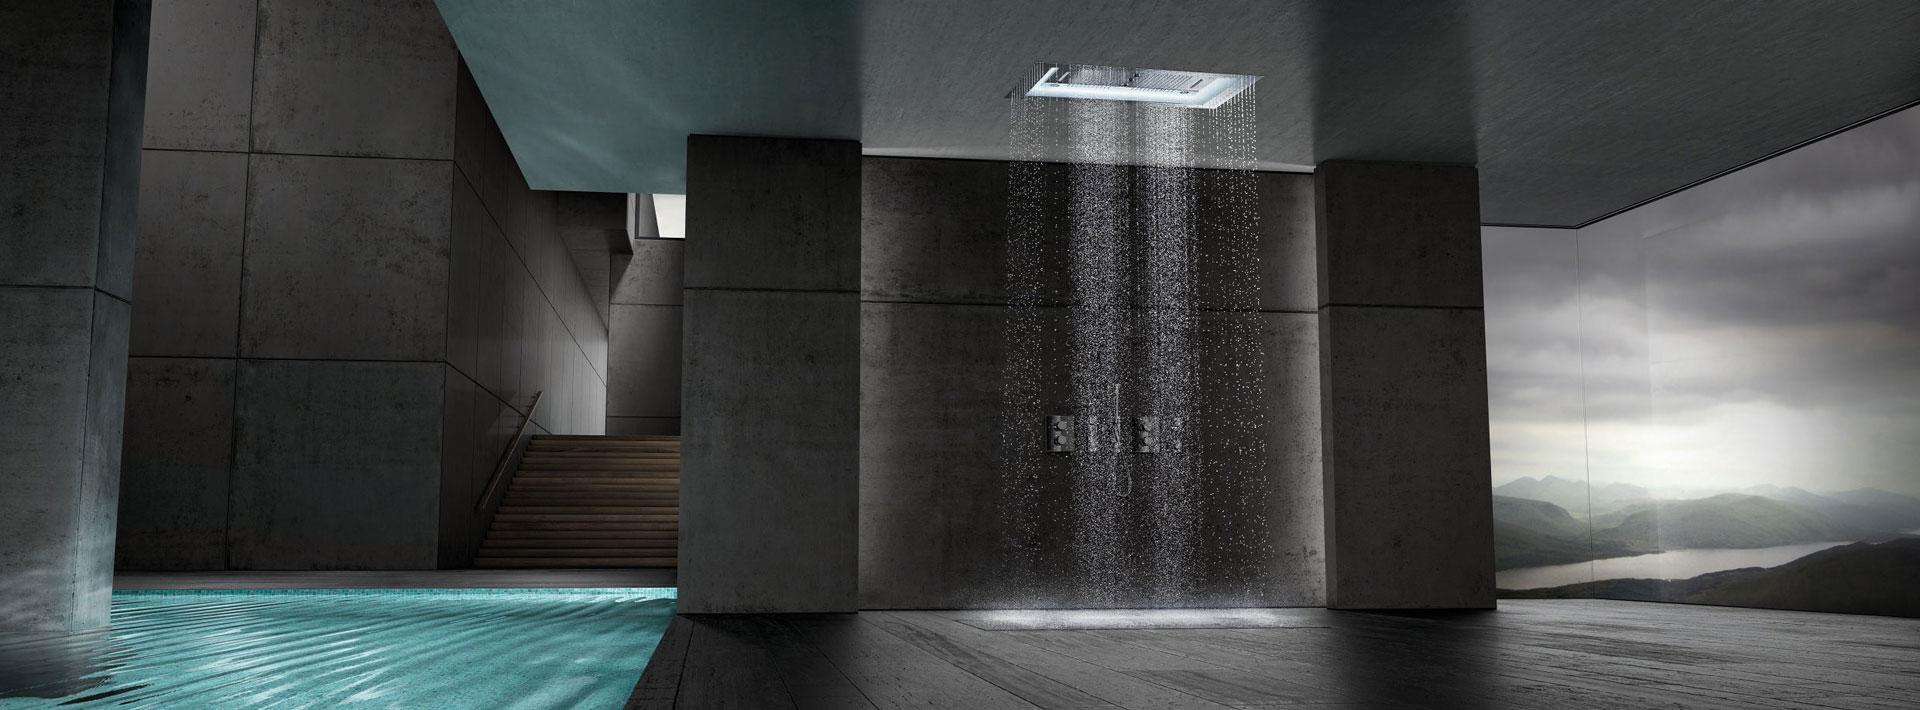 Aquasymphony de grohe beneficios del agua el color y la for Showroom grohe barcelona